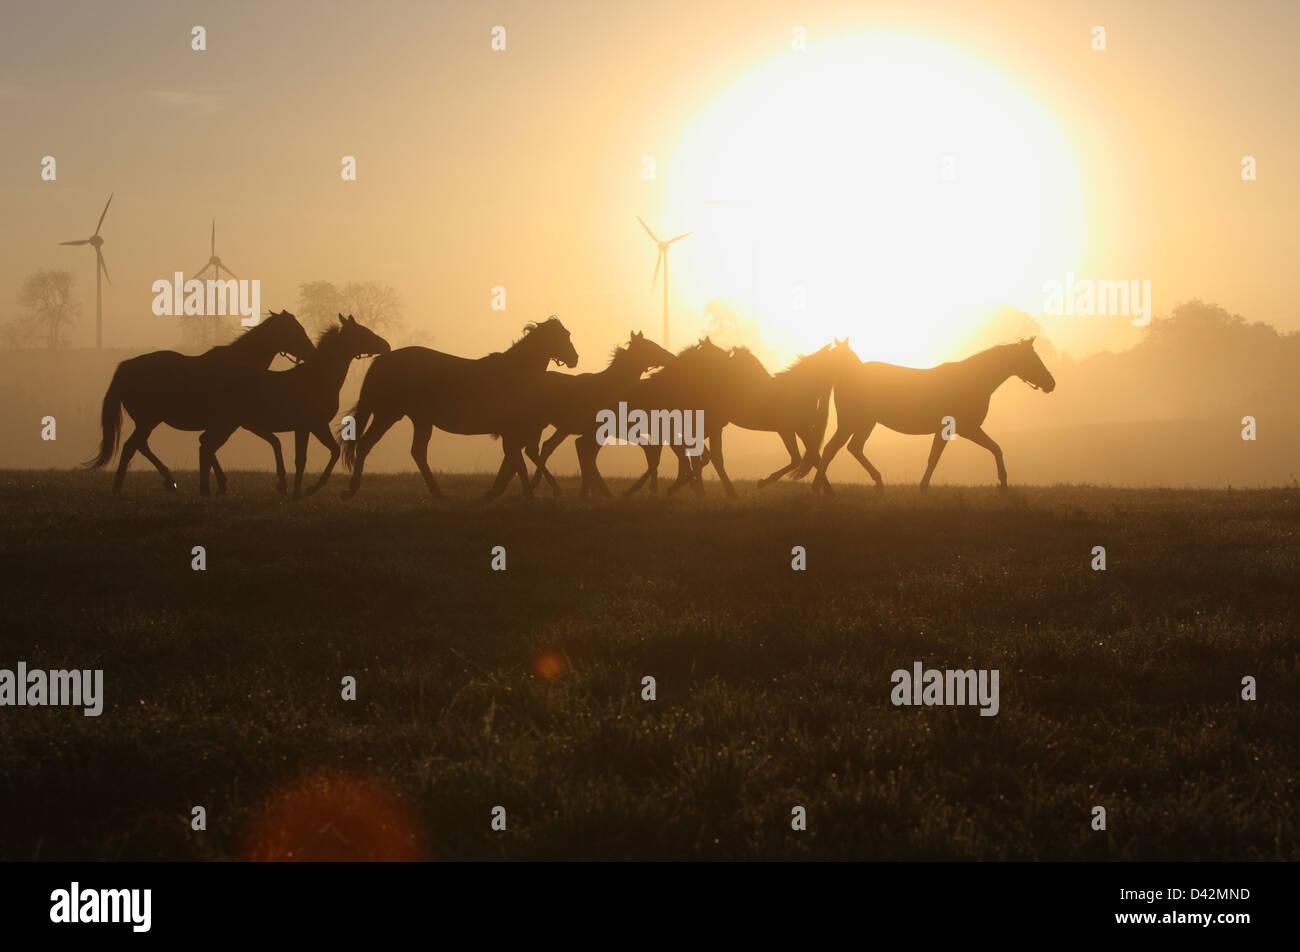 Görlsdorf, Alemania, siluetas de caballos al trote al amanecer. Imagen De Stock